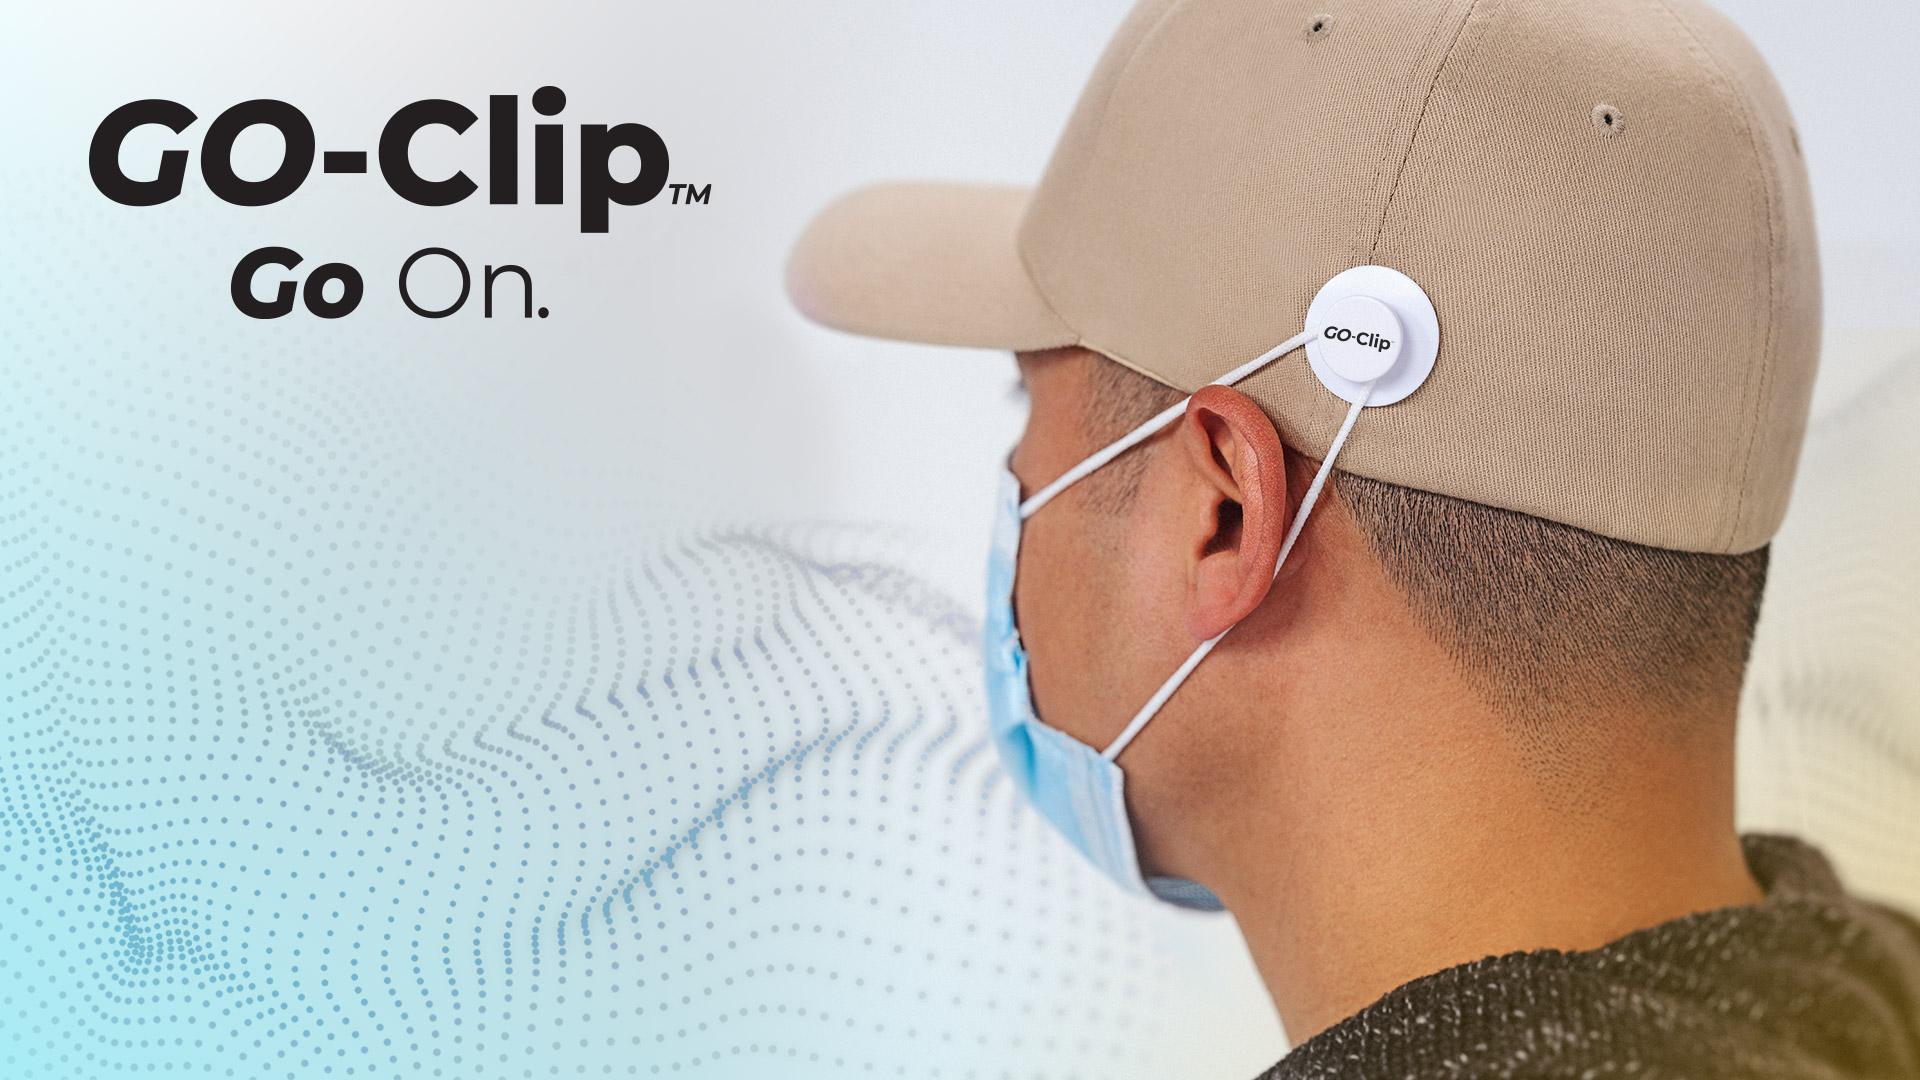 The GO-Clip